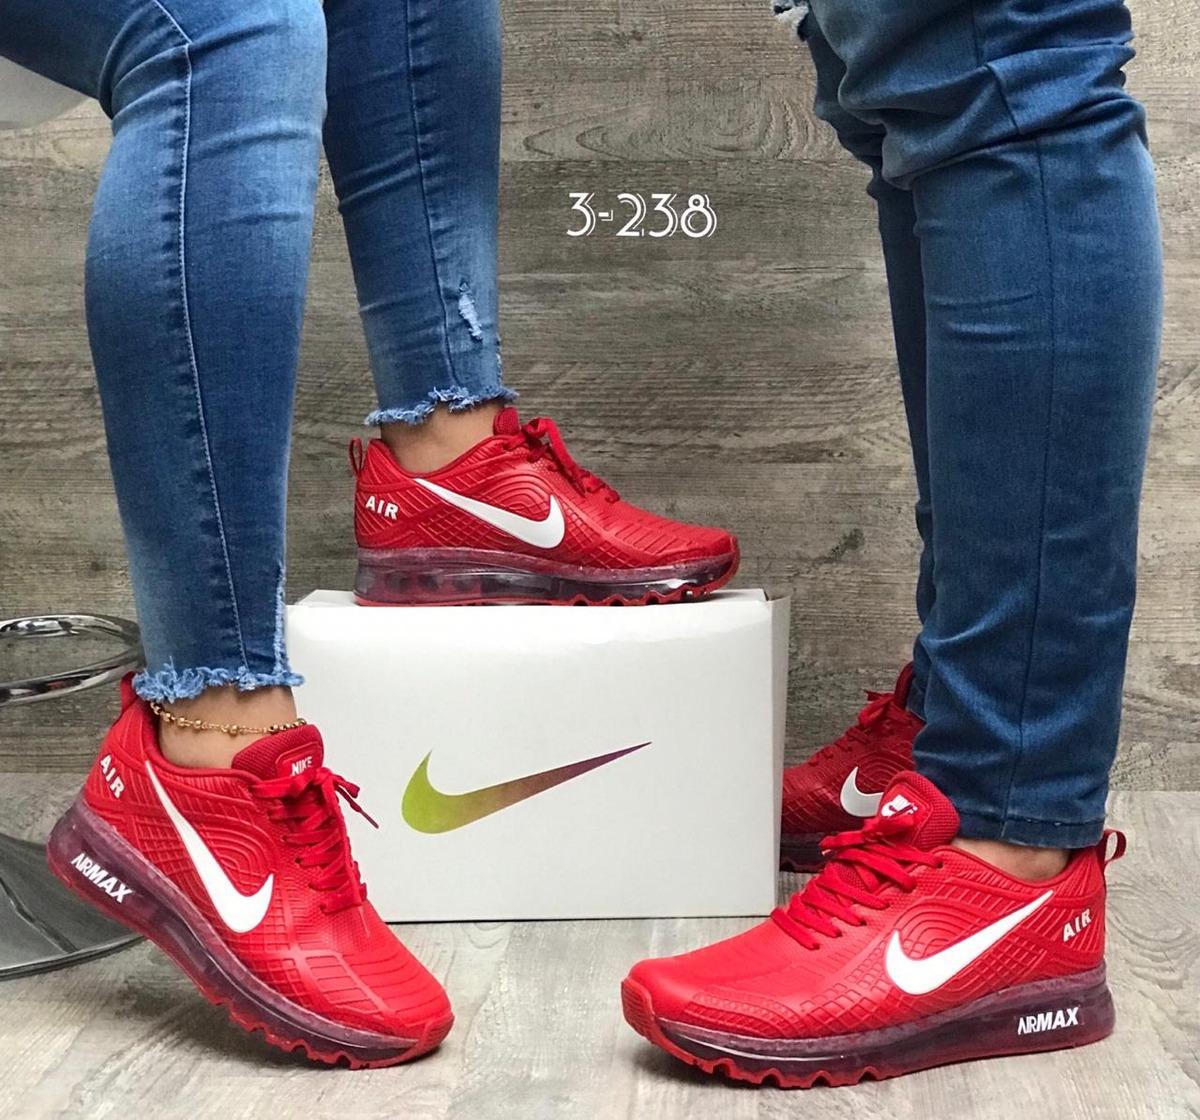 Max Modelos Air Zapatos Nike Nuevos rCBxoed